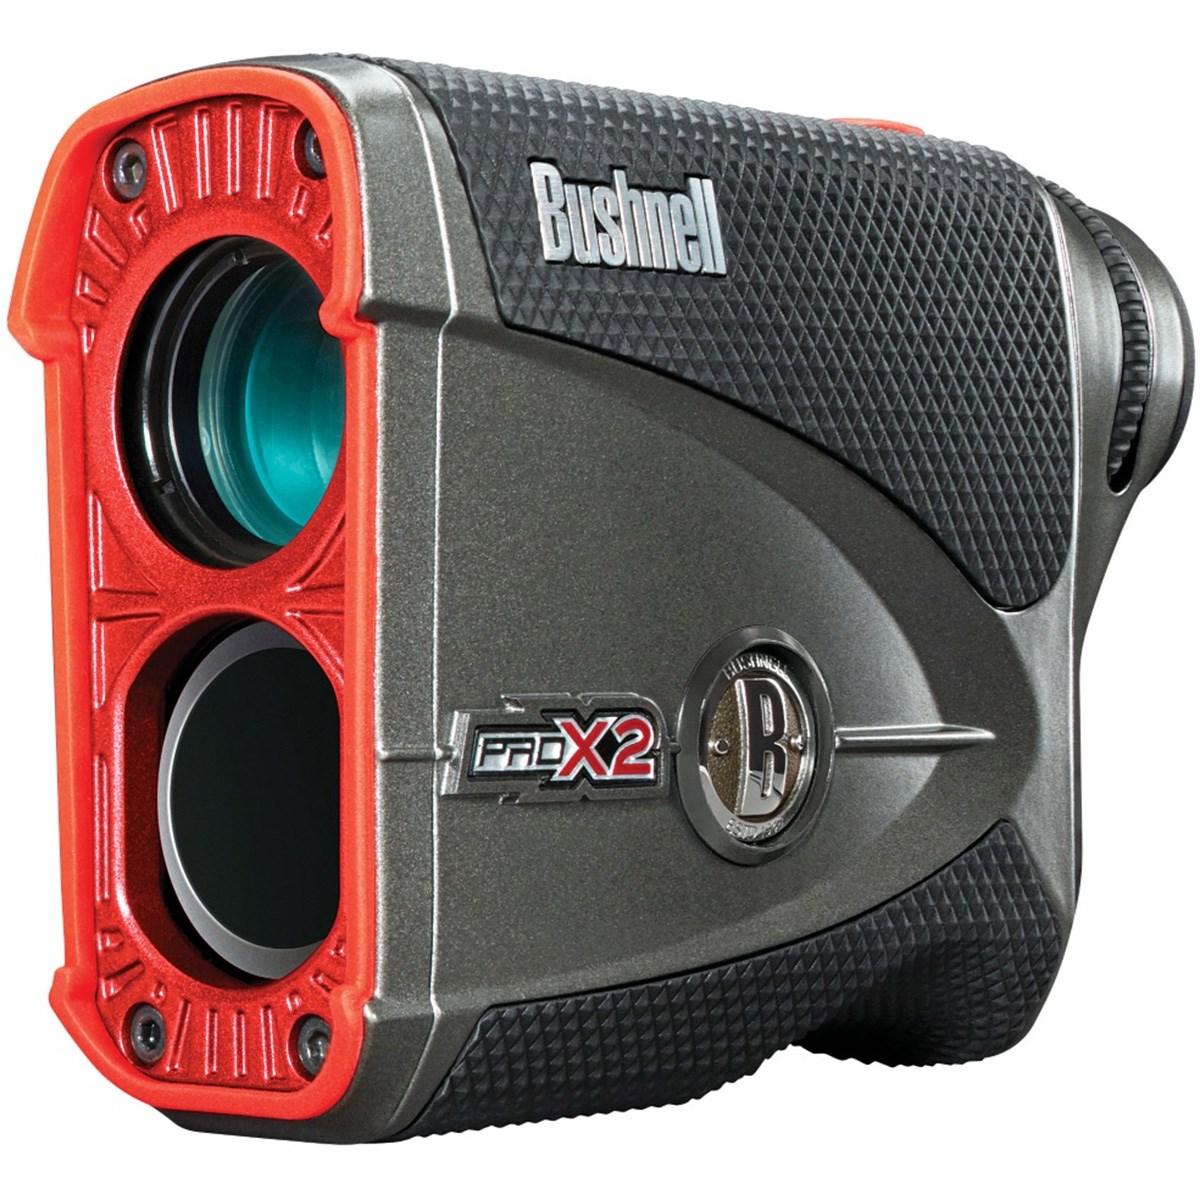 2017年モデル ブッシュネル ピンシーカープロX2ジョルト ゴルフ用レーザー距離計